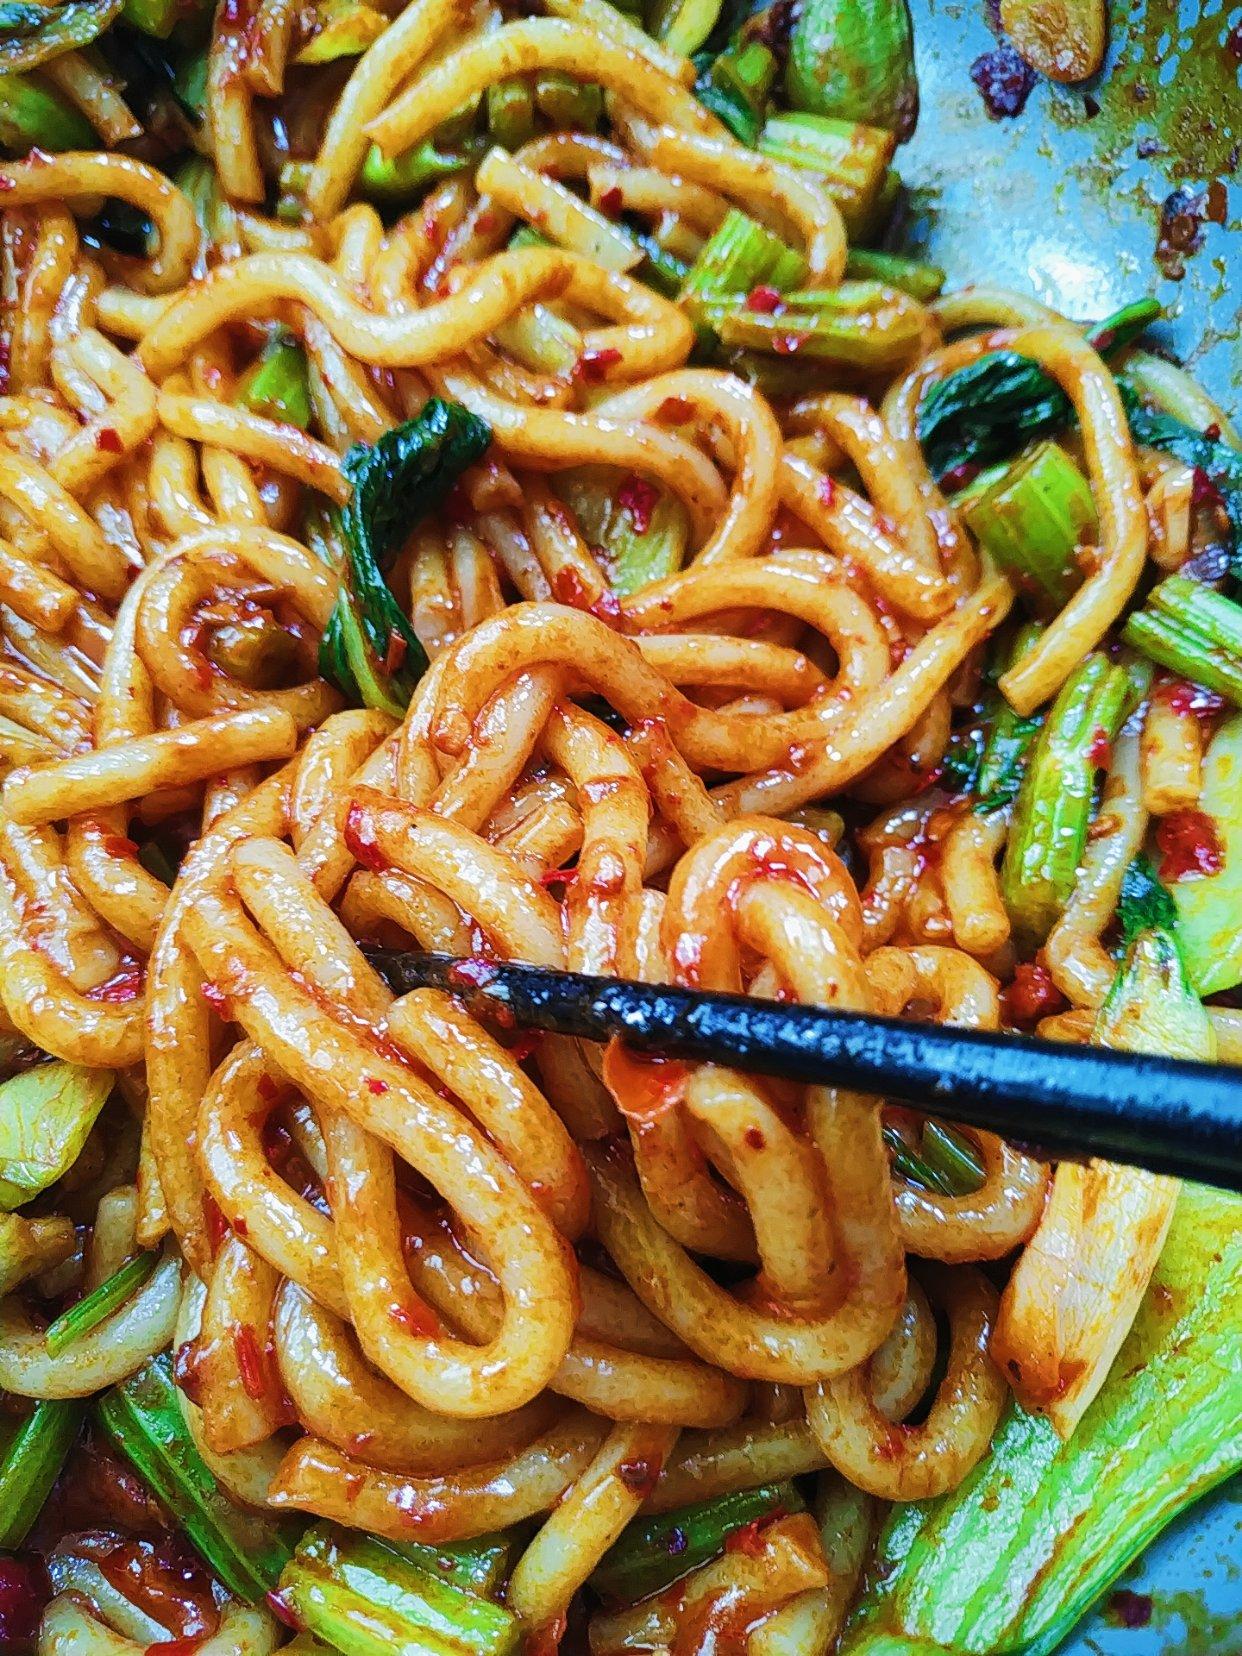 炒(cao)米粉本地做法分享,好辣口的美食家们可以试试